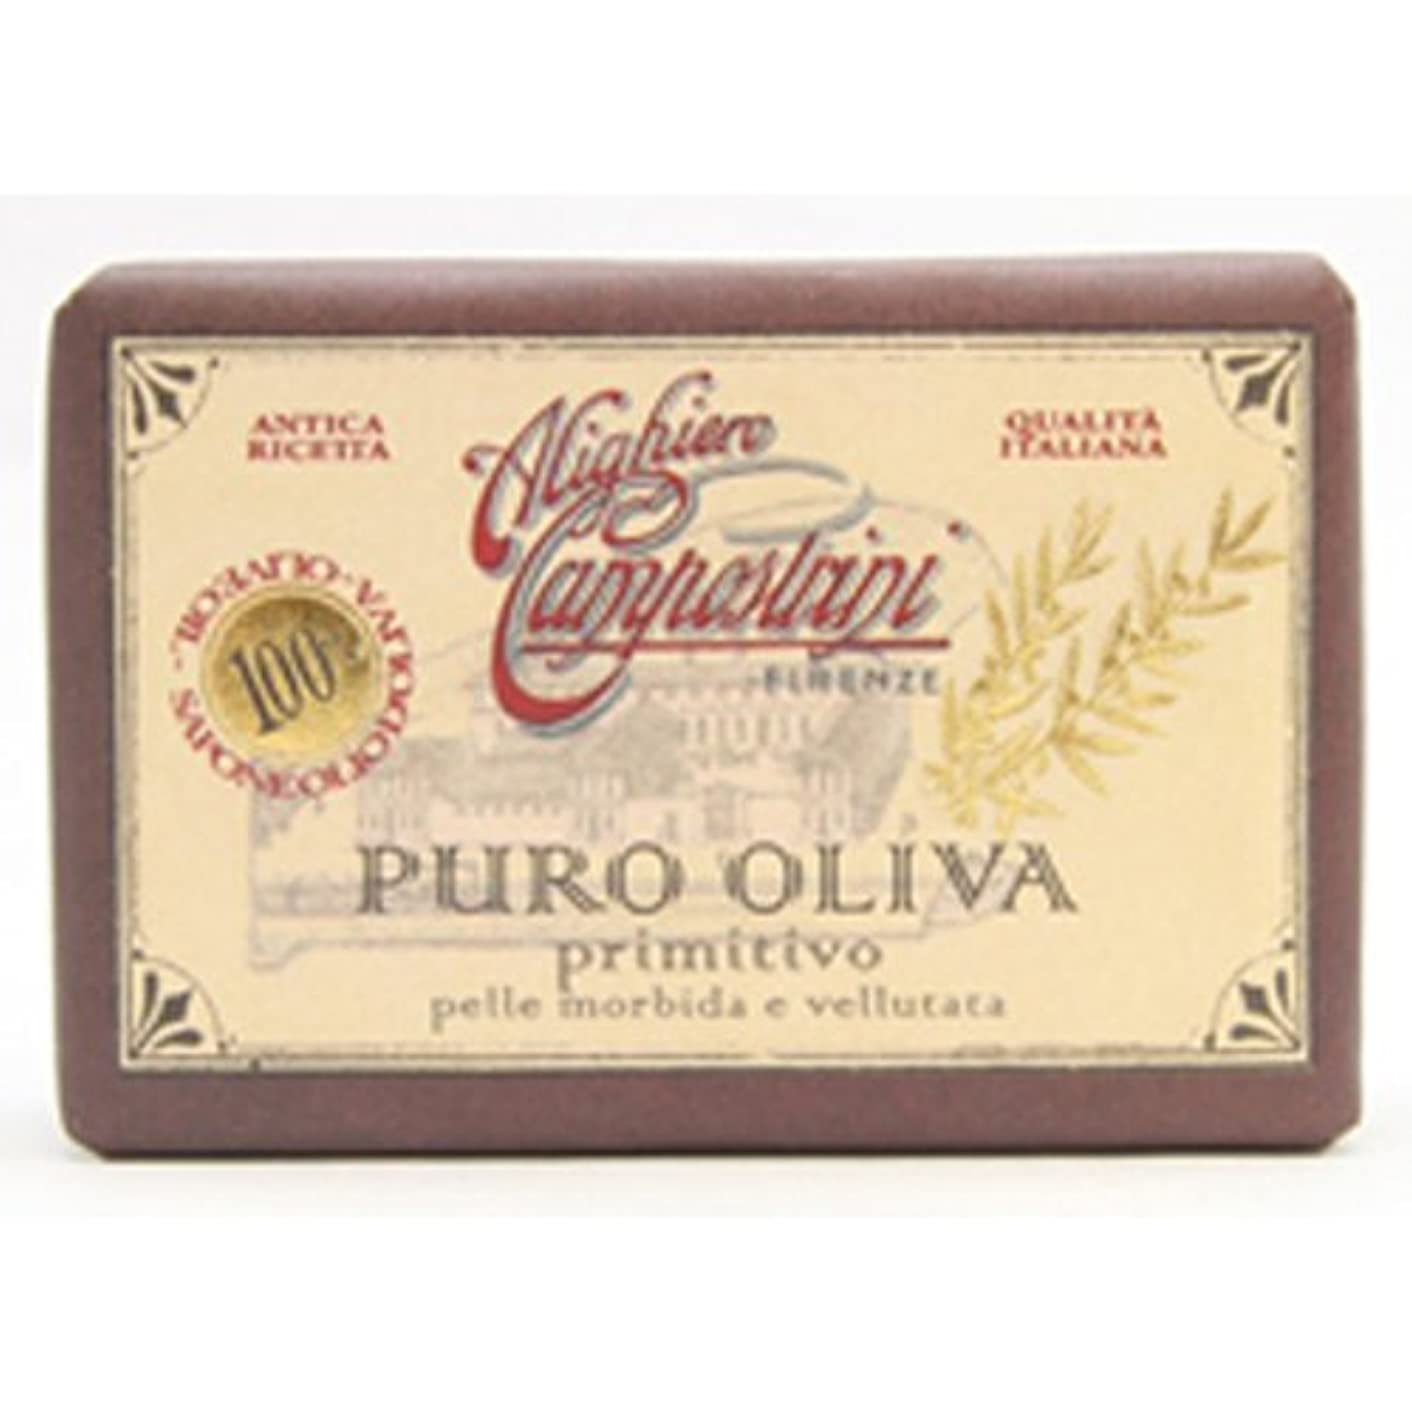 紳士うぬぼれたブルジョンSaponerire Fissi サポネリーフィッシー PURO OLIVA Soap オリーブオイル ピュロ ソープ primitivo オリジナル 150g